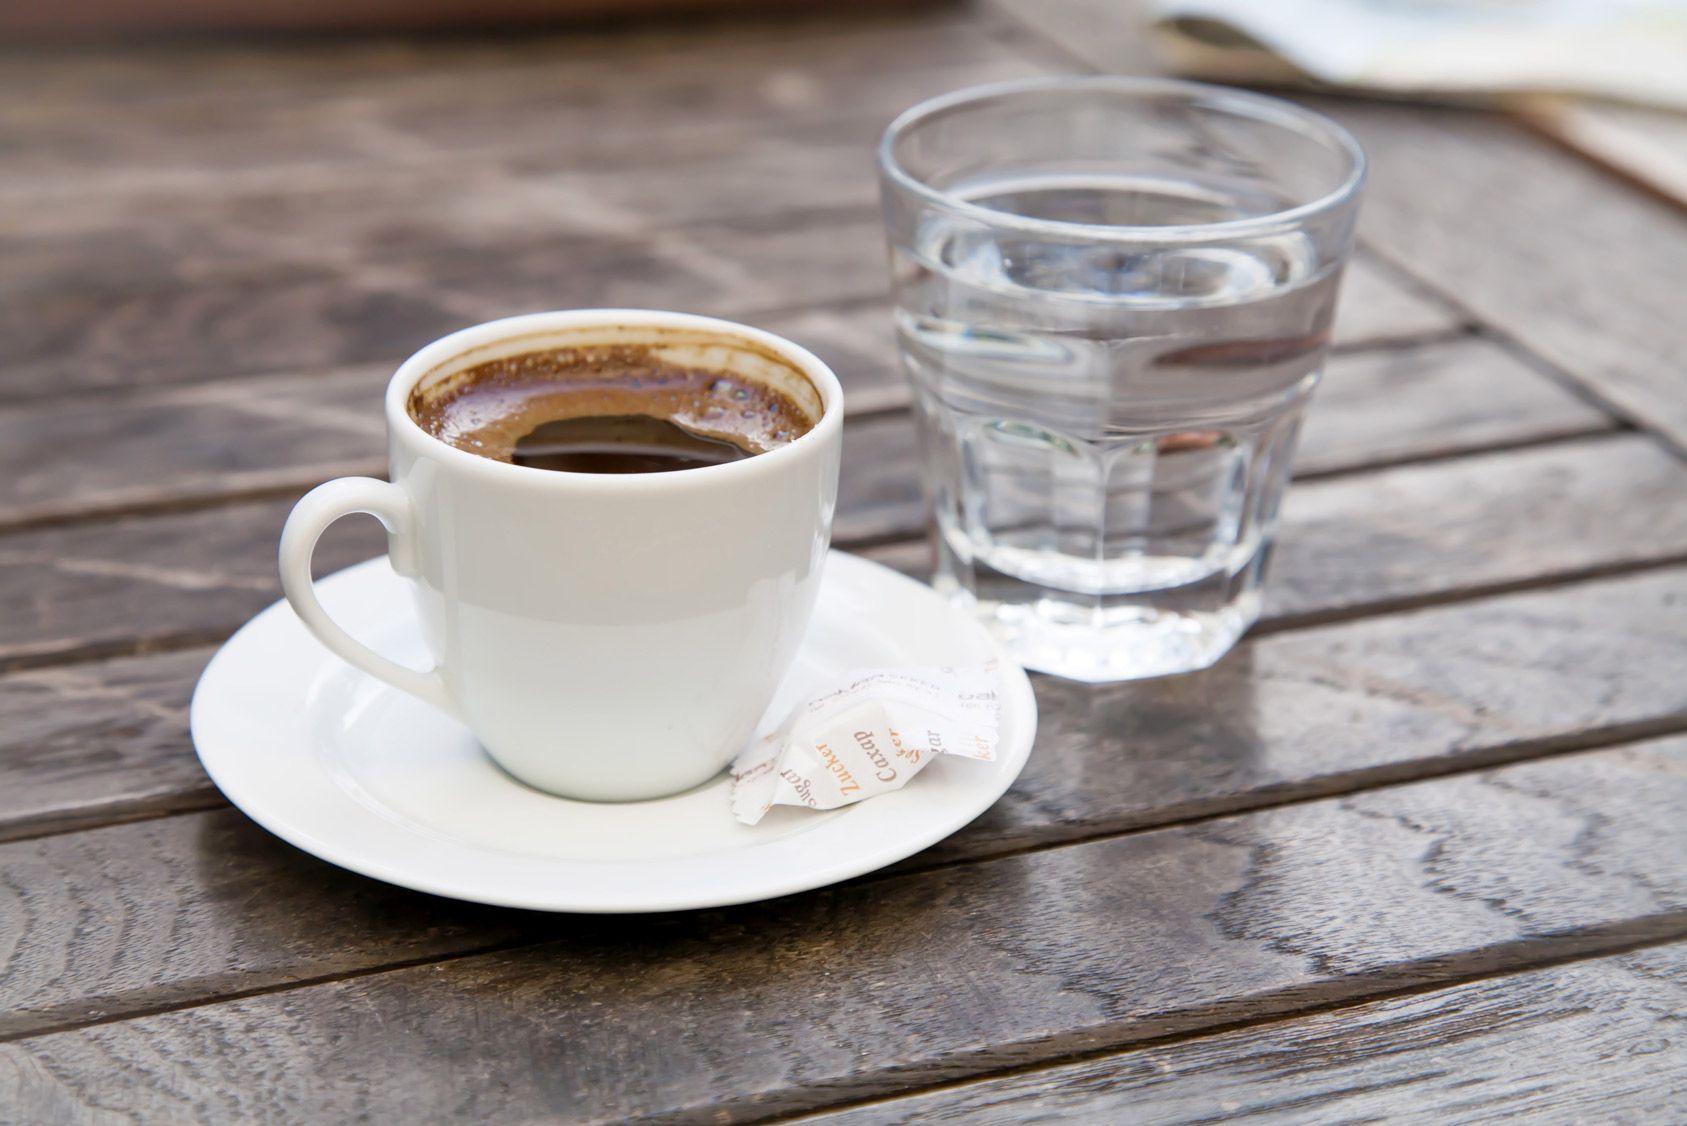 Au café, le verre d'eau n'est pas forcément gratuit